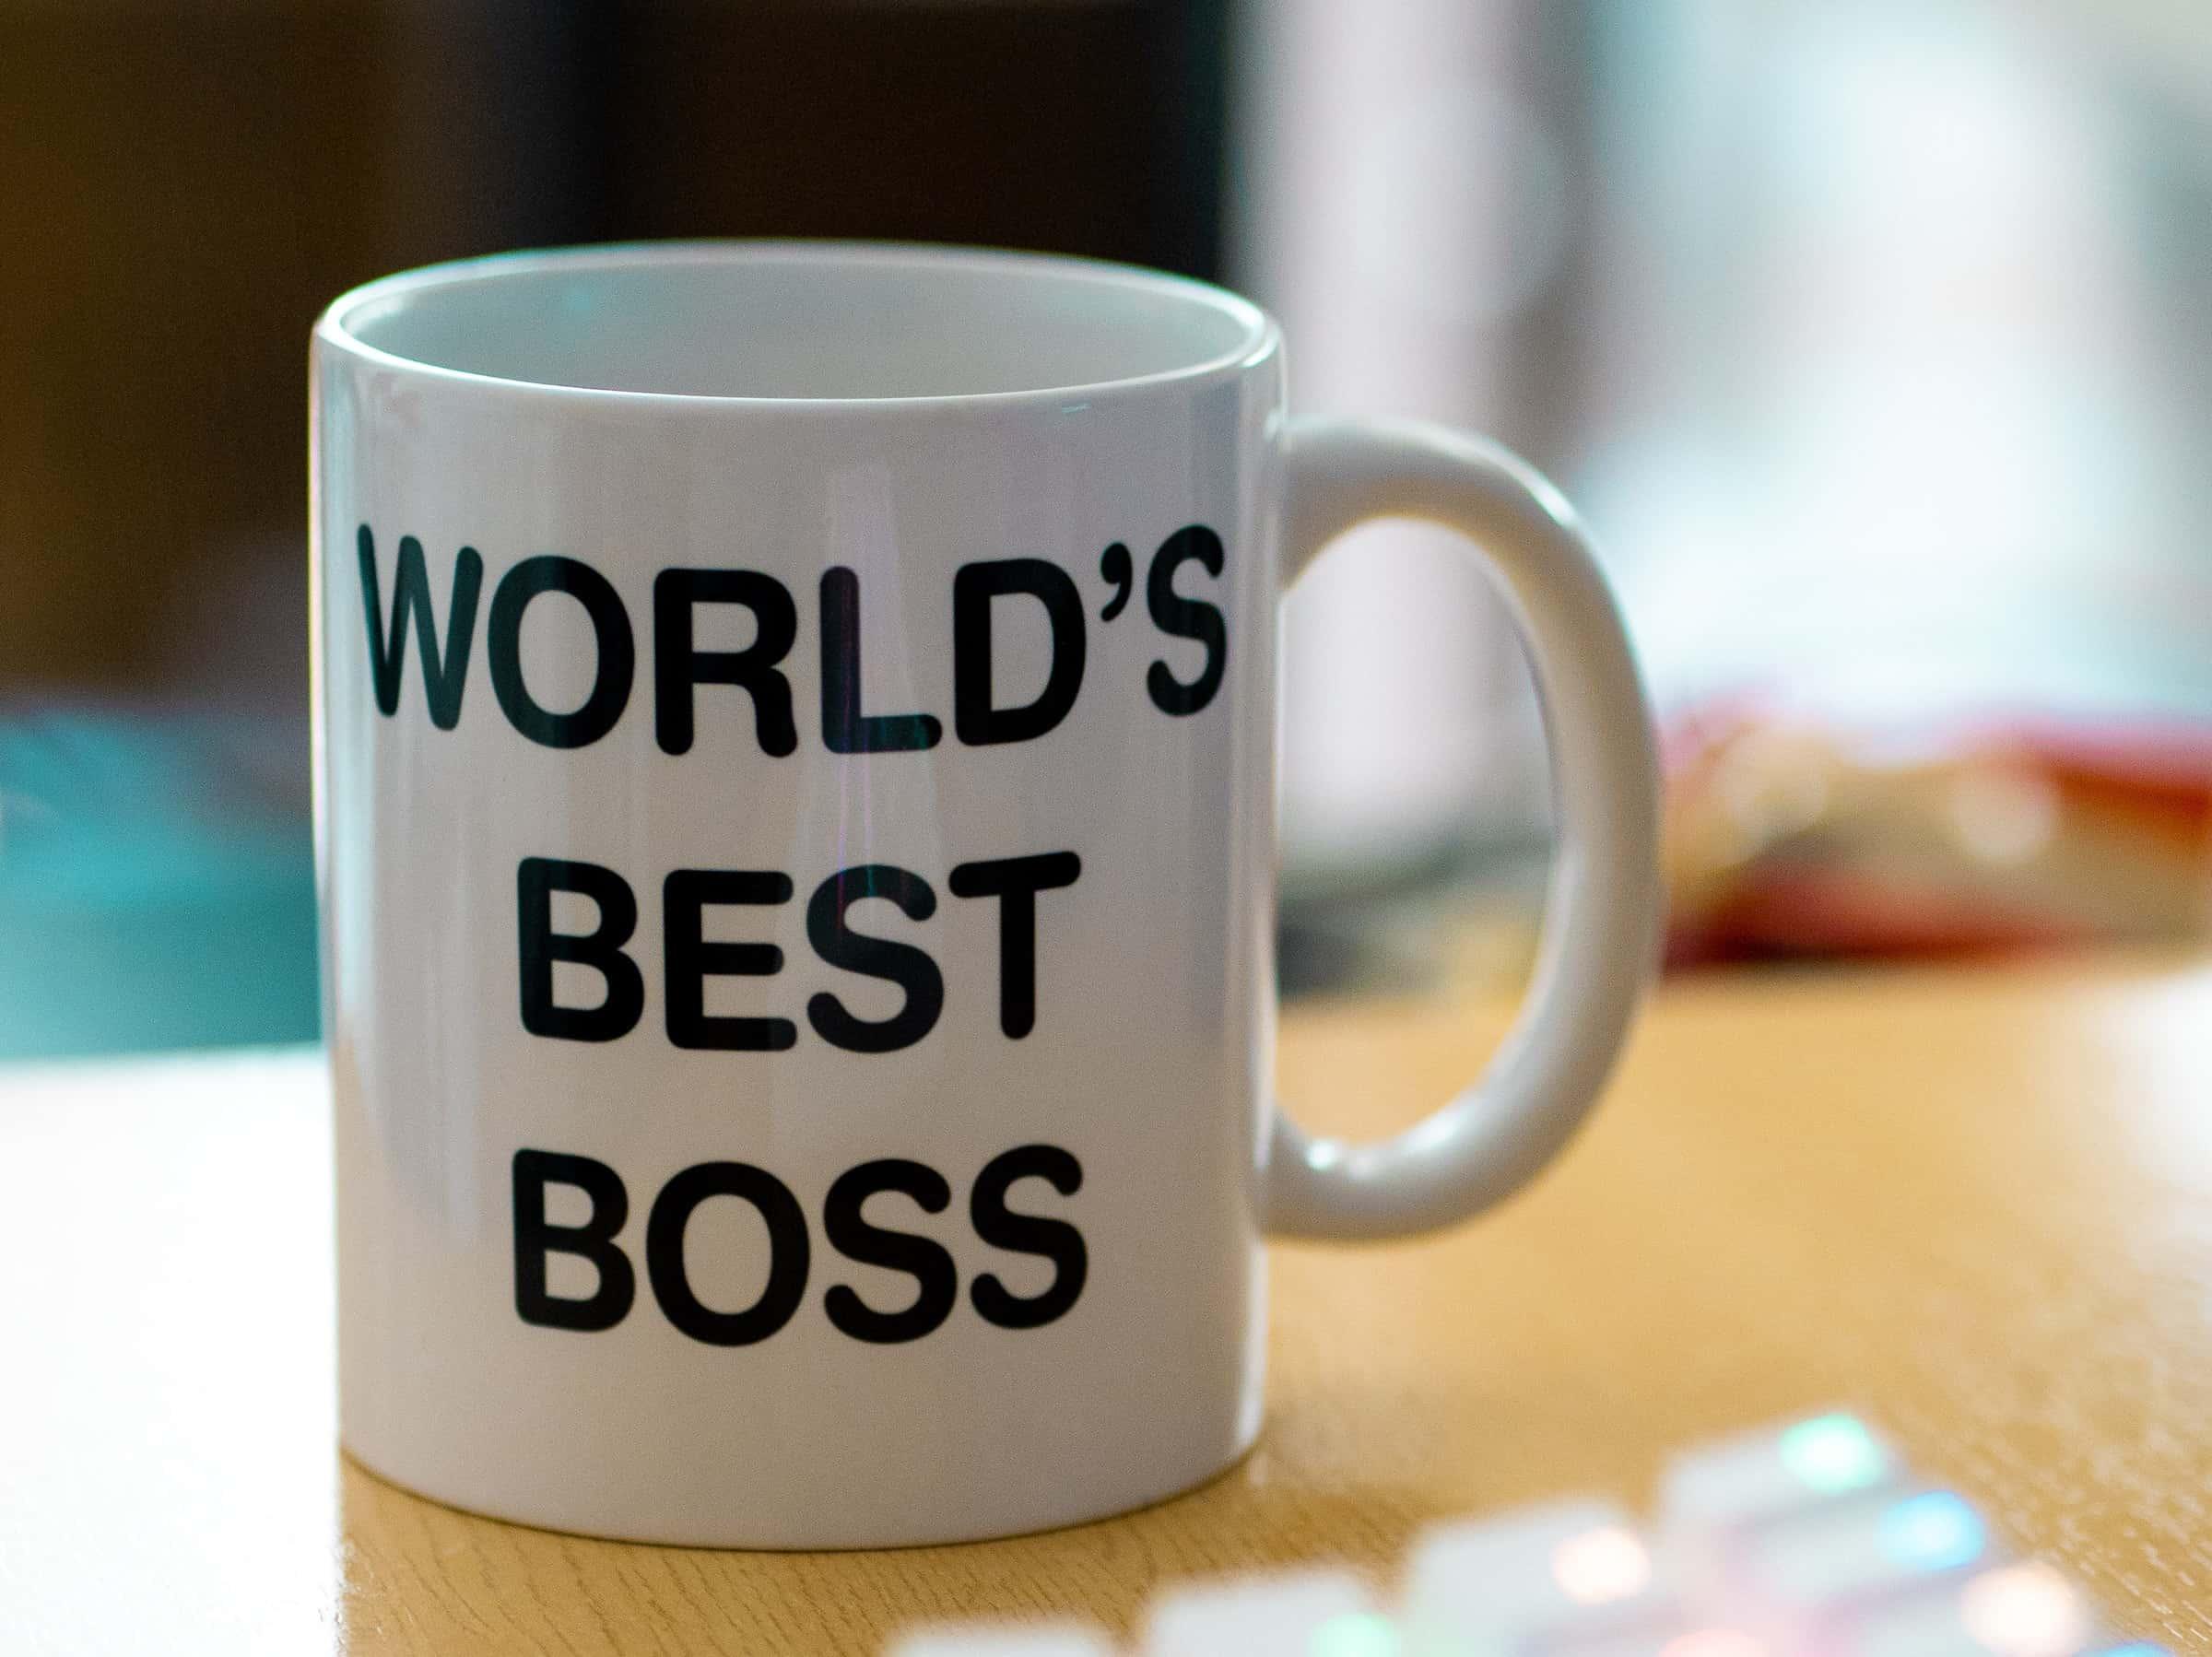 Weird Bosses facts